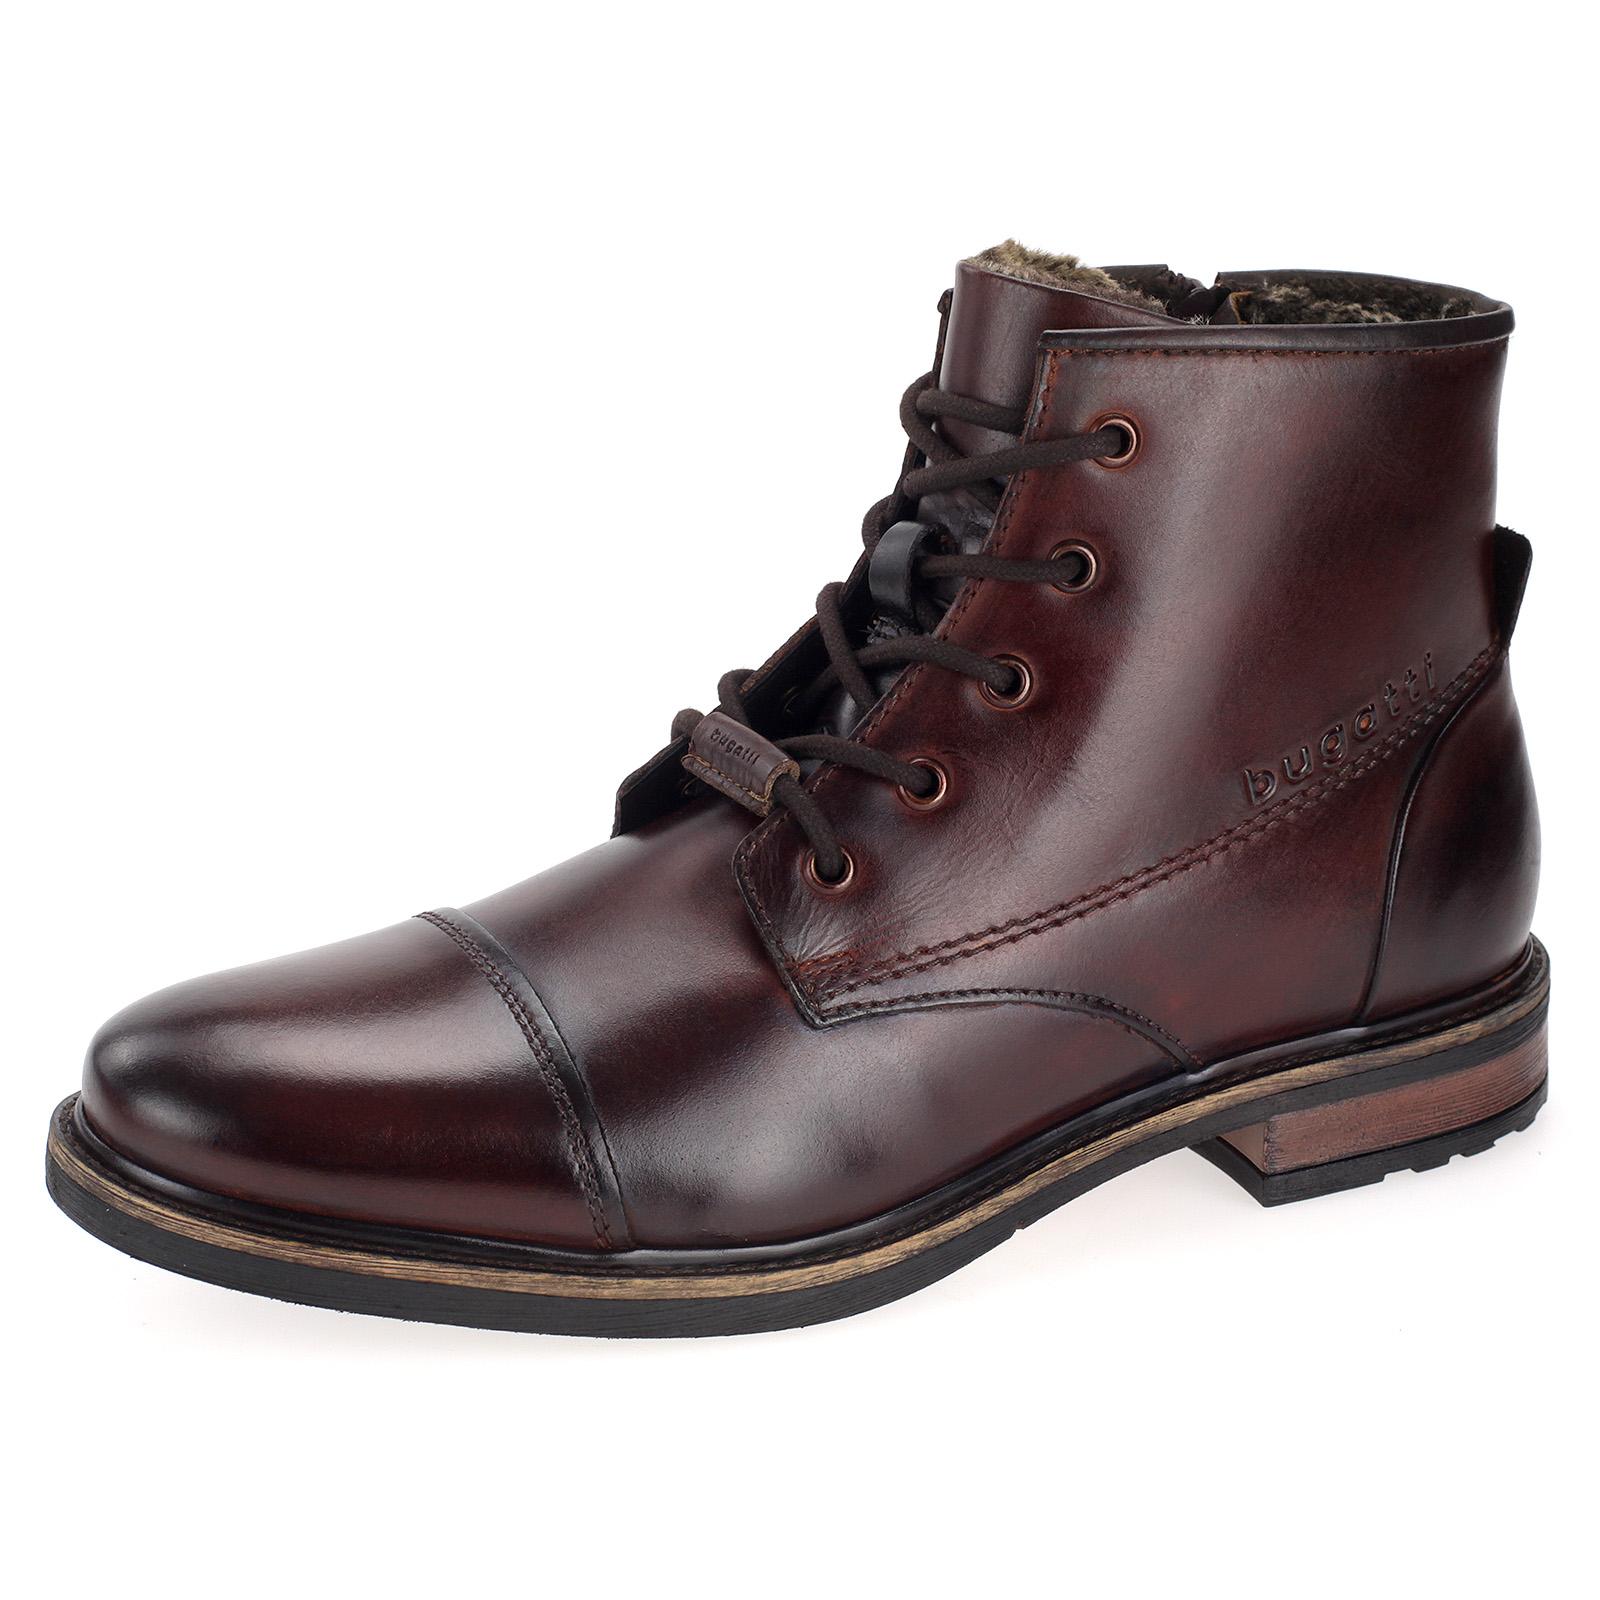 Bugatti Herren Stiefel Leder Boots Gefüttert Business Schuhe Elegant Dk.Braun 331-78252-1000-6100